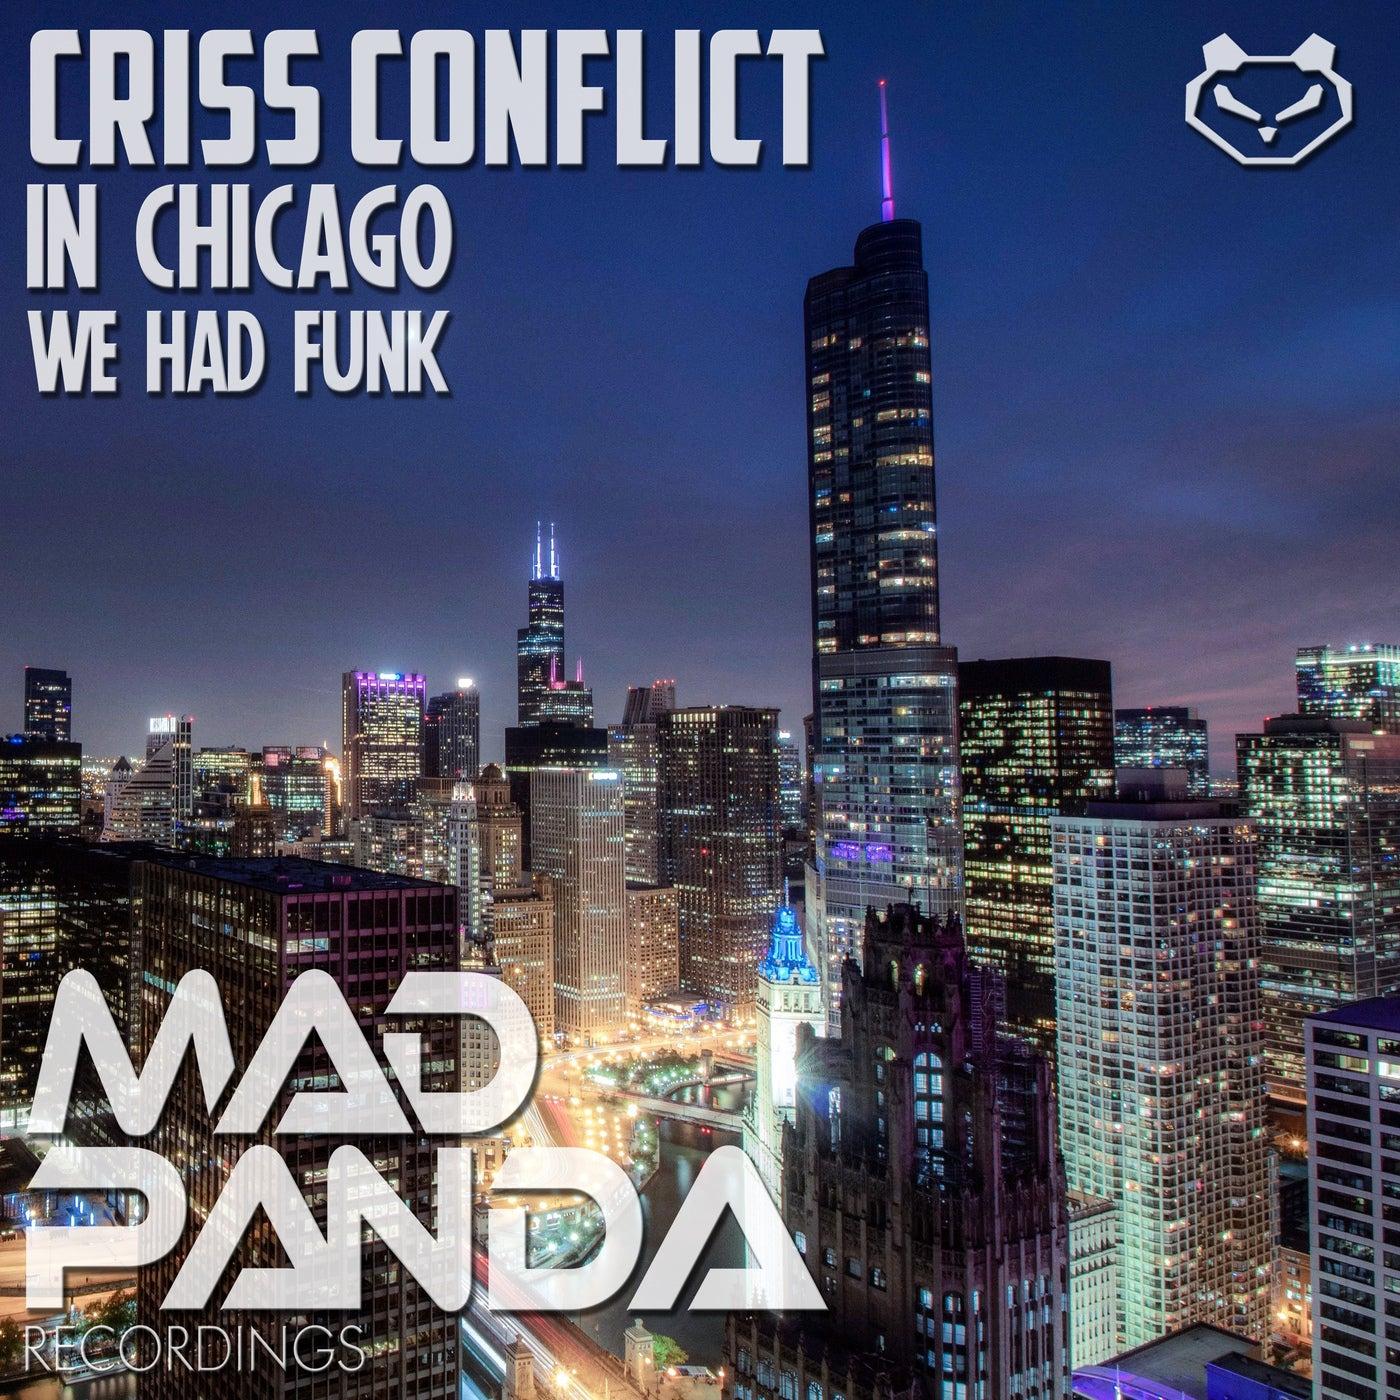 In Chicago (Original Mix)